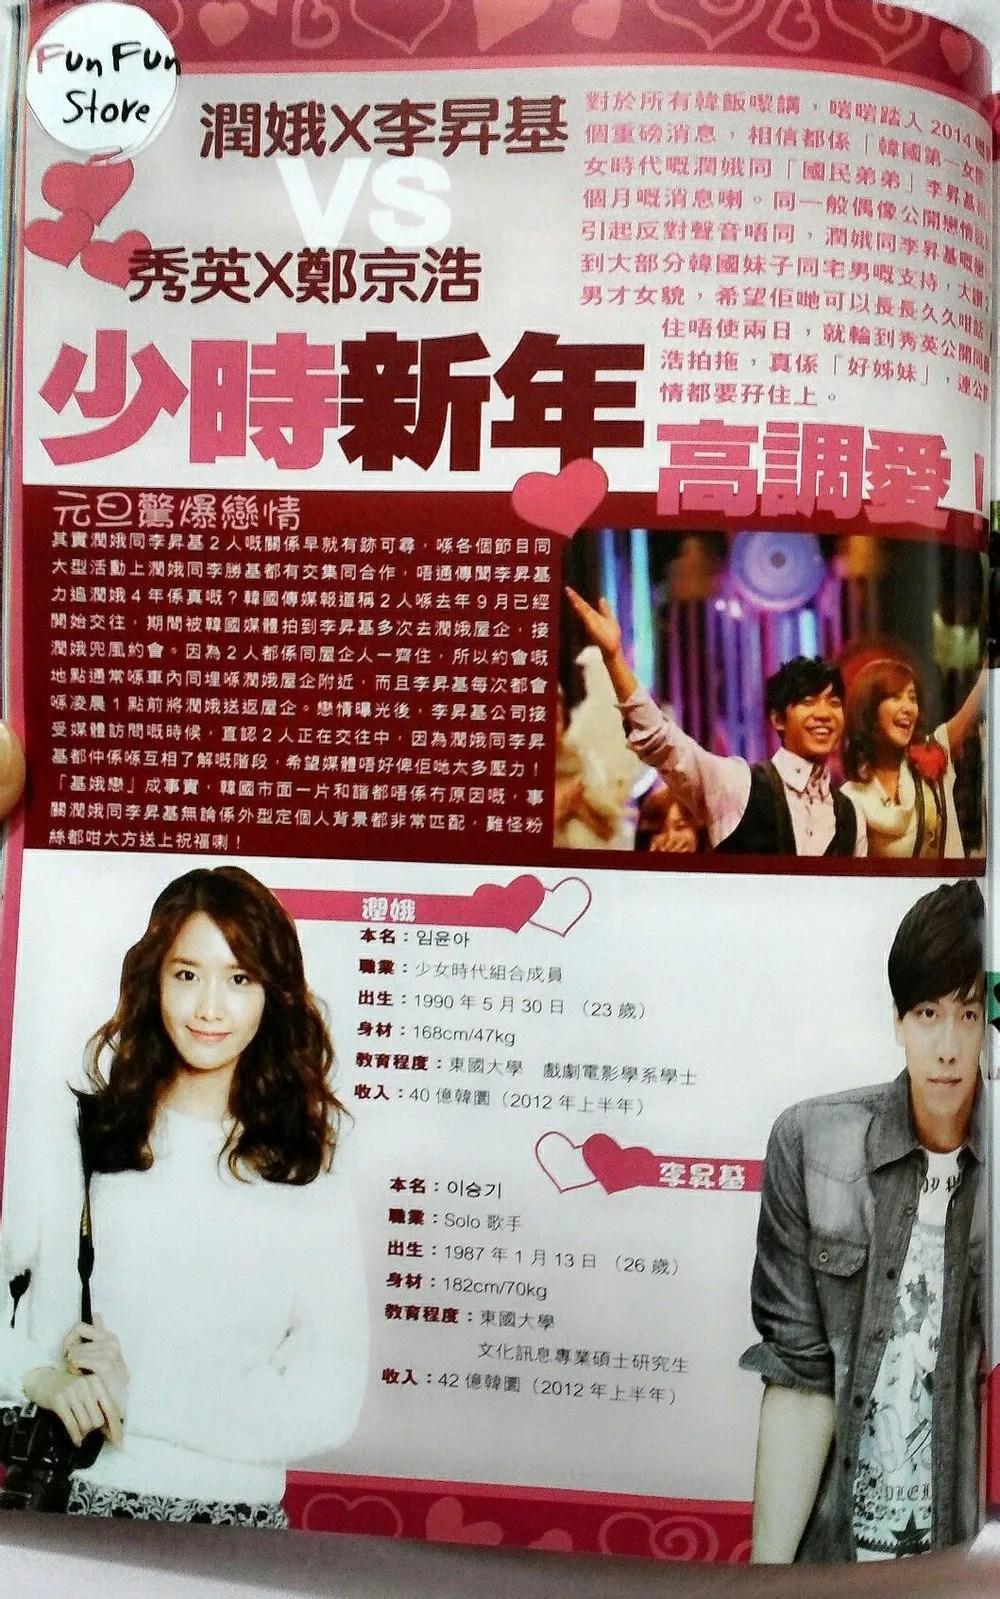 Lee seung gi yoona dating allkpop snsd Basikal senaman murah online dating.